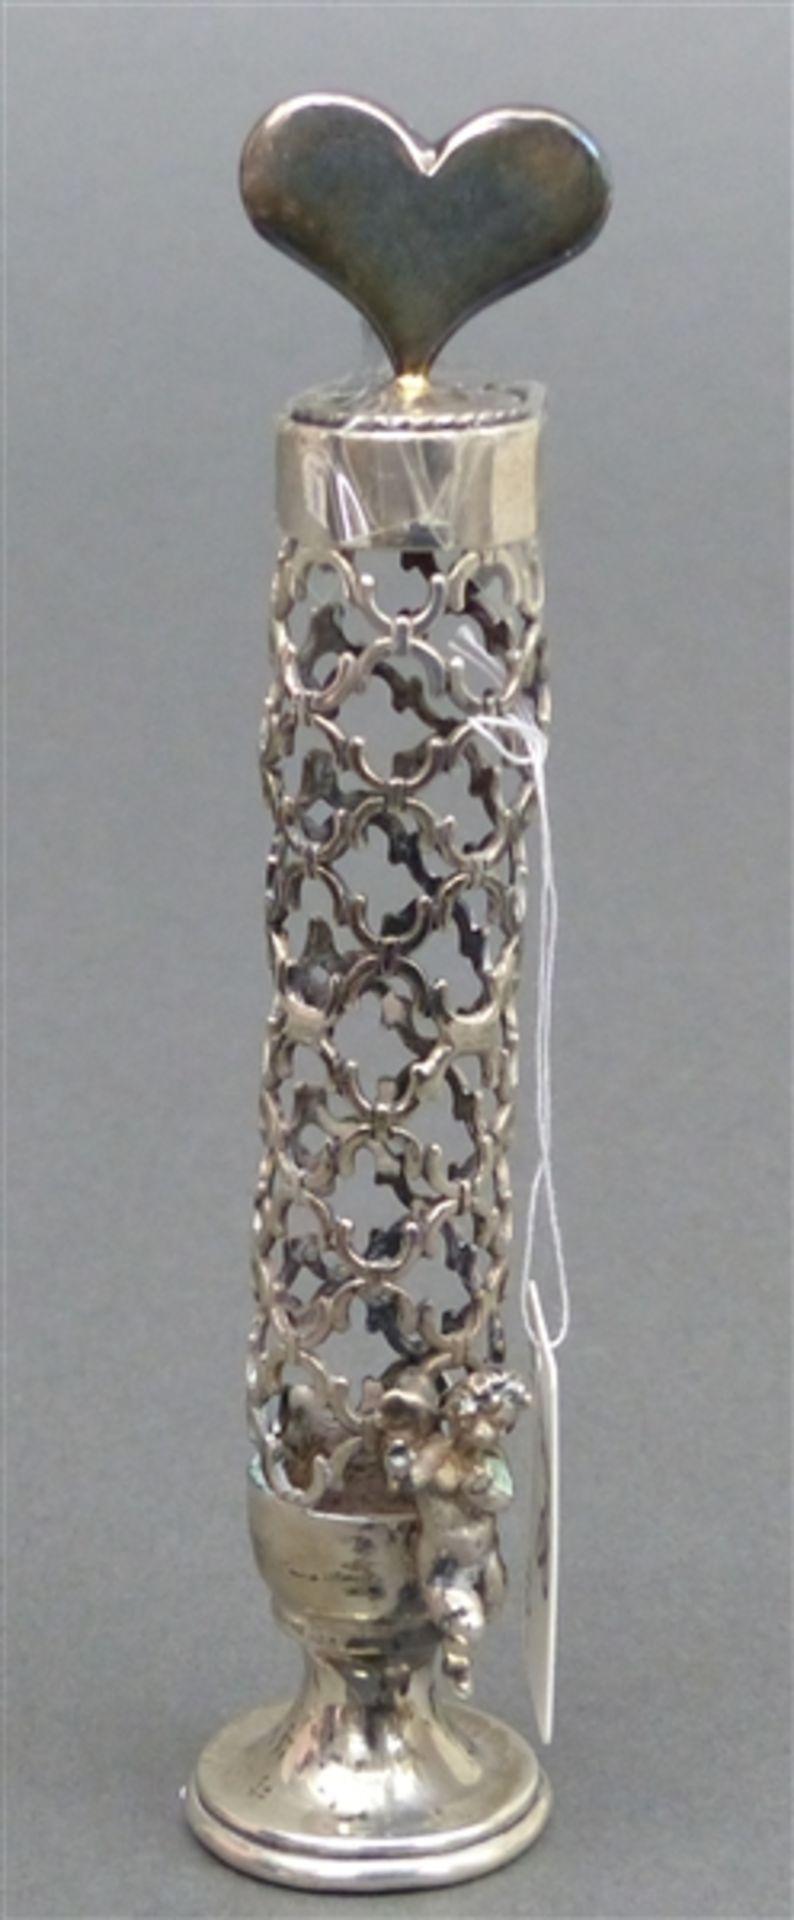 Flacon Silber, durchbrochen gearbeitet, kleiner Putto, Glaseinsatz fehlt, h 13 cm, 49 g schwer,